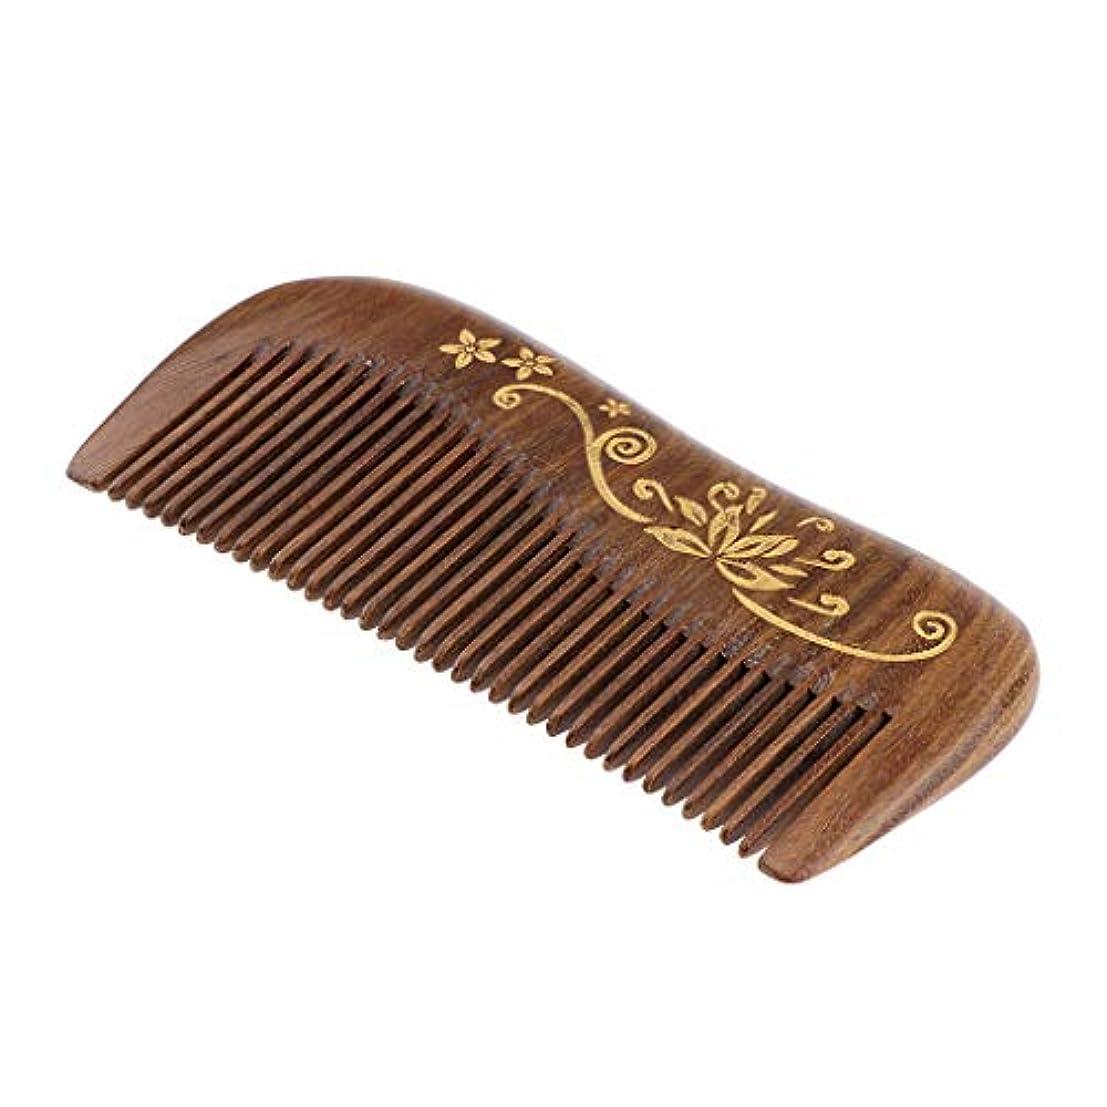 防ぐハミングバード適格絶妙な彫刻の広い歯のもつれをほどく木材の櫛は毛の破損の割れ目を減らします - #4